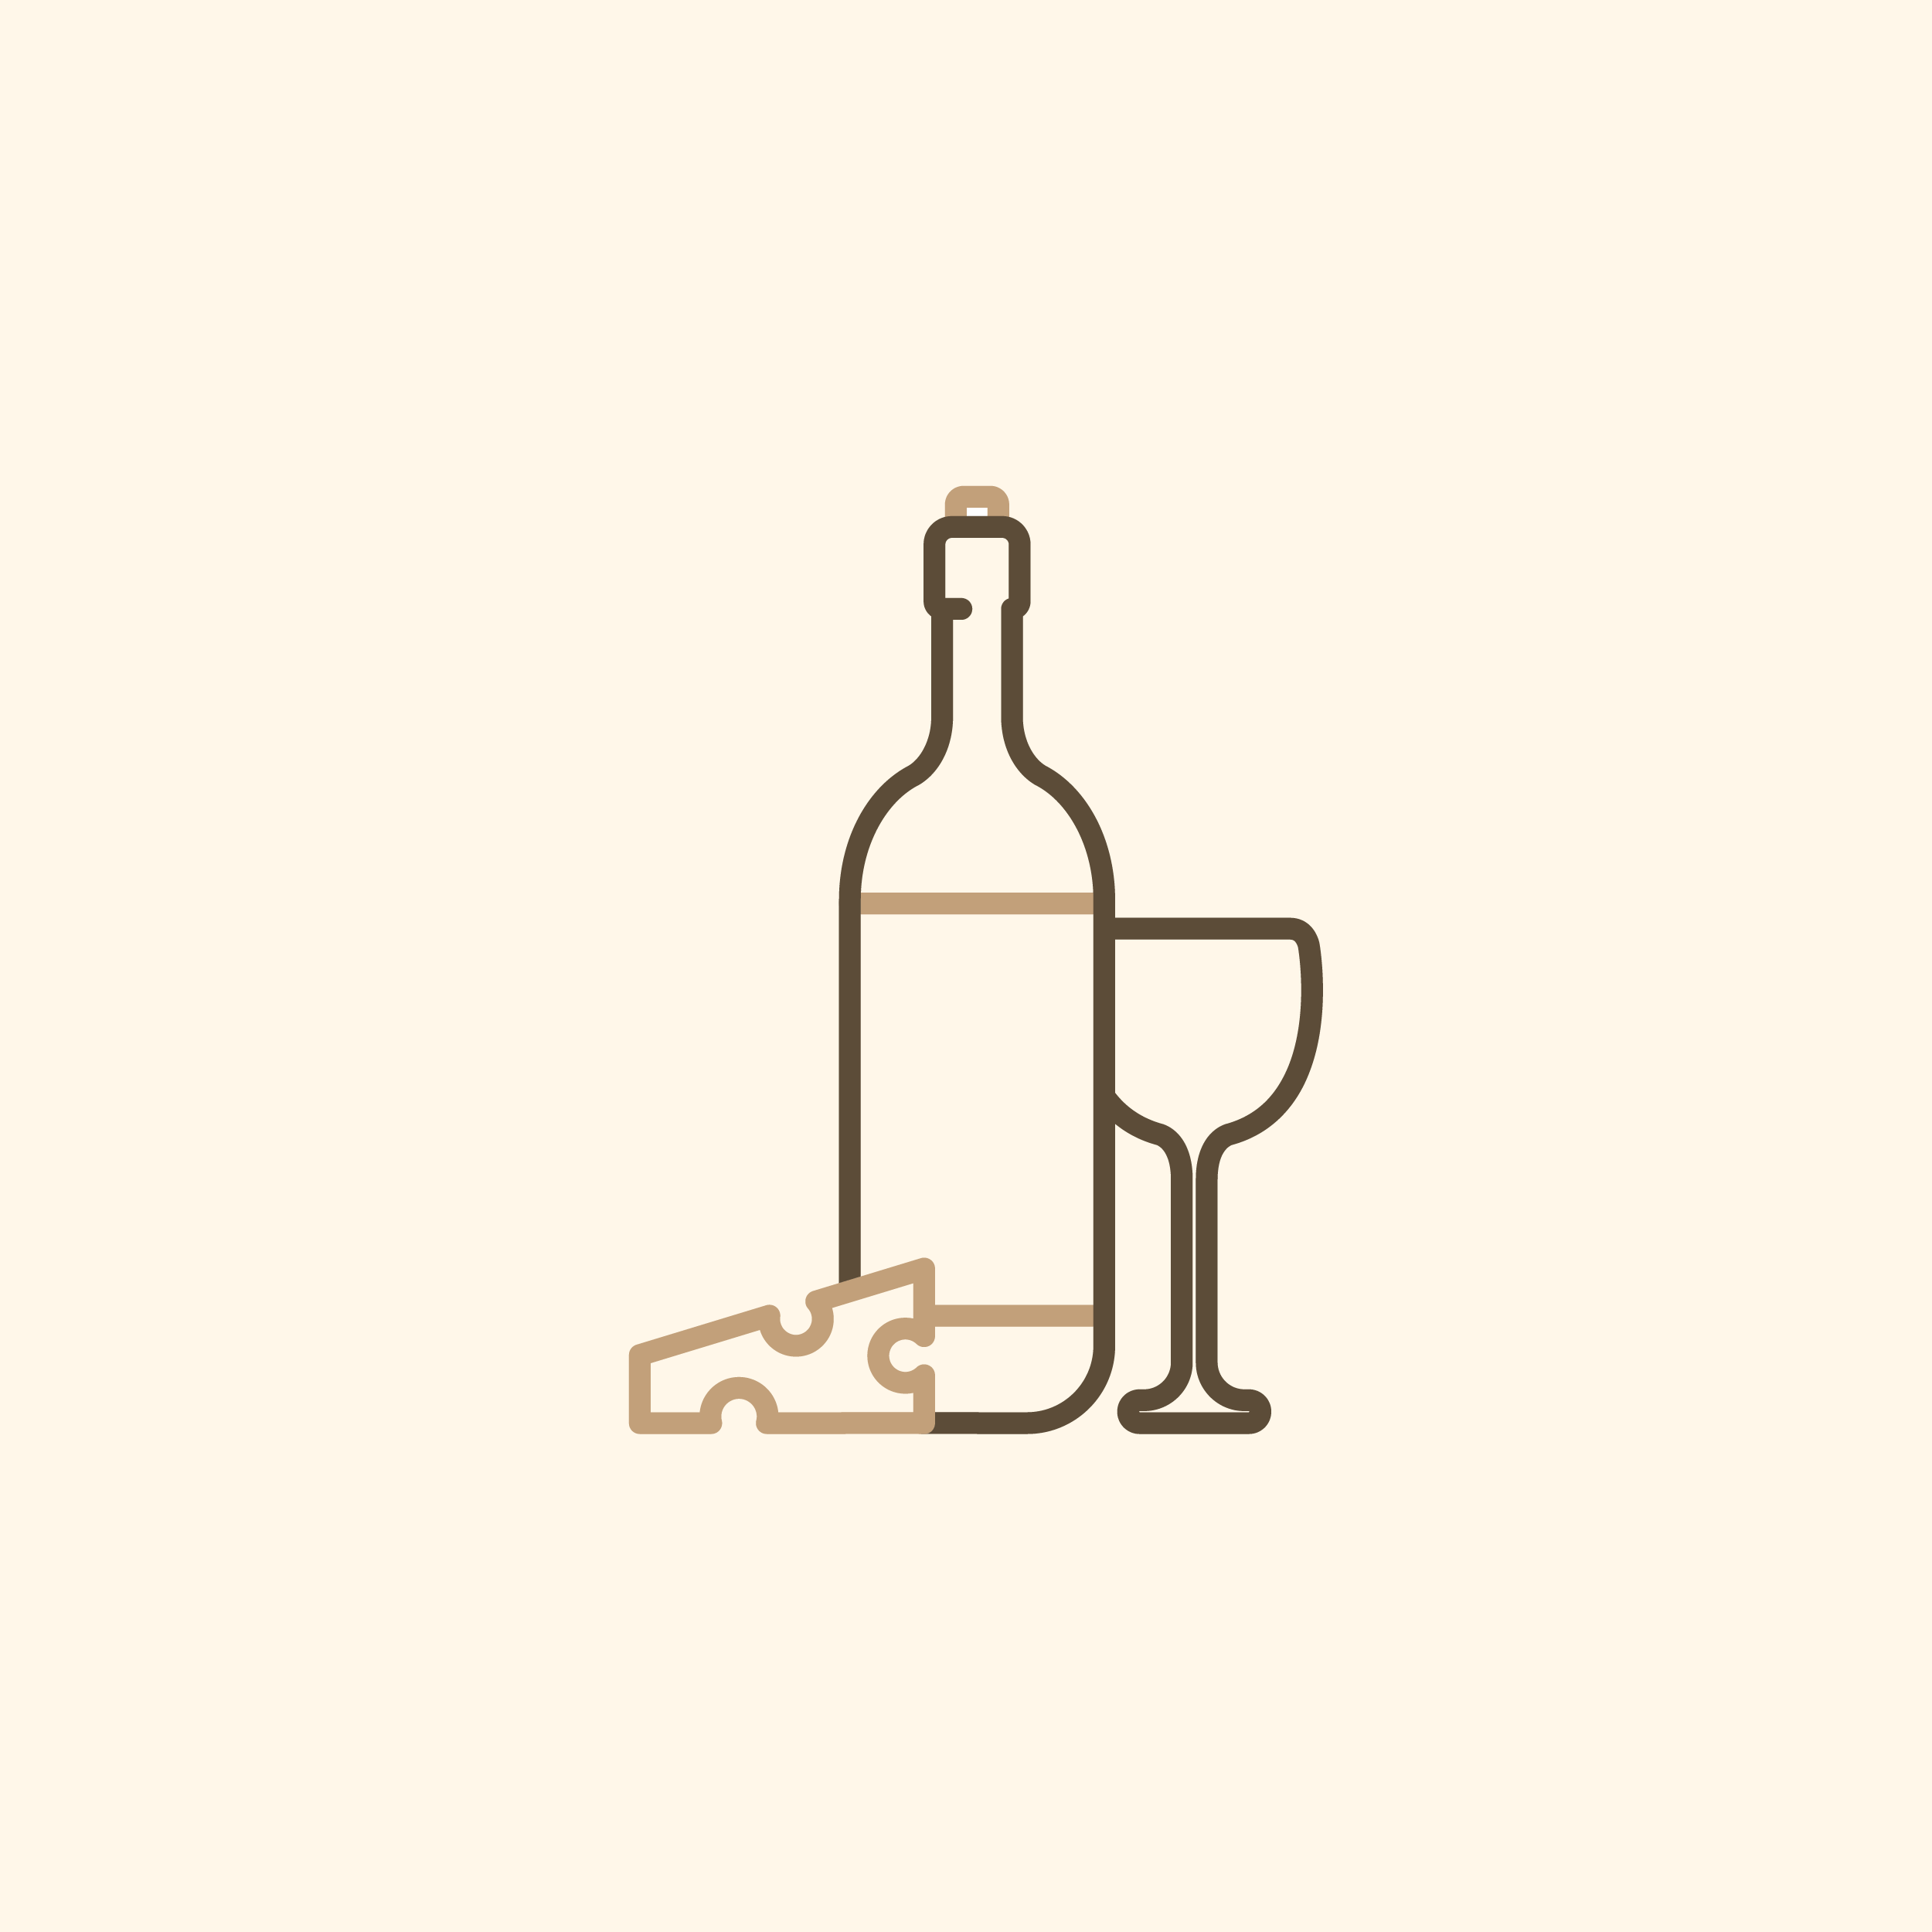 043-wine-43